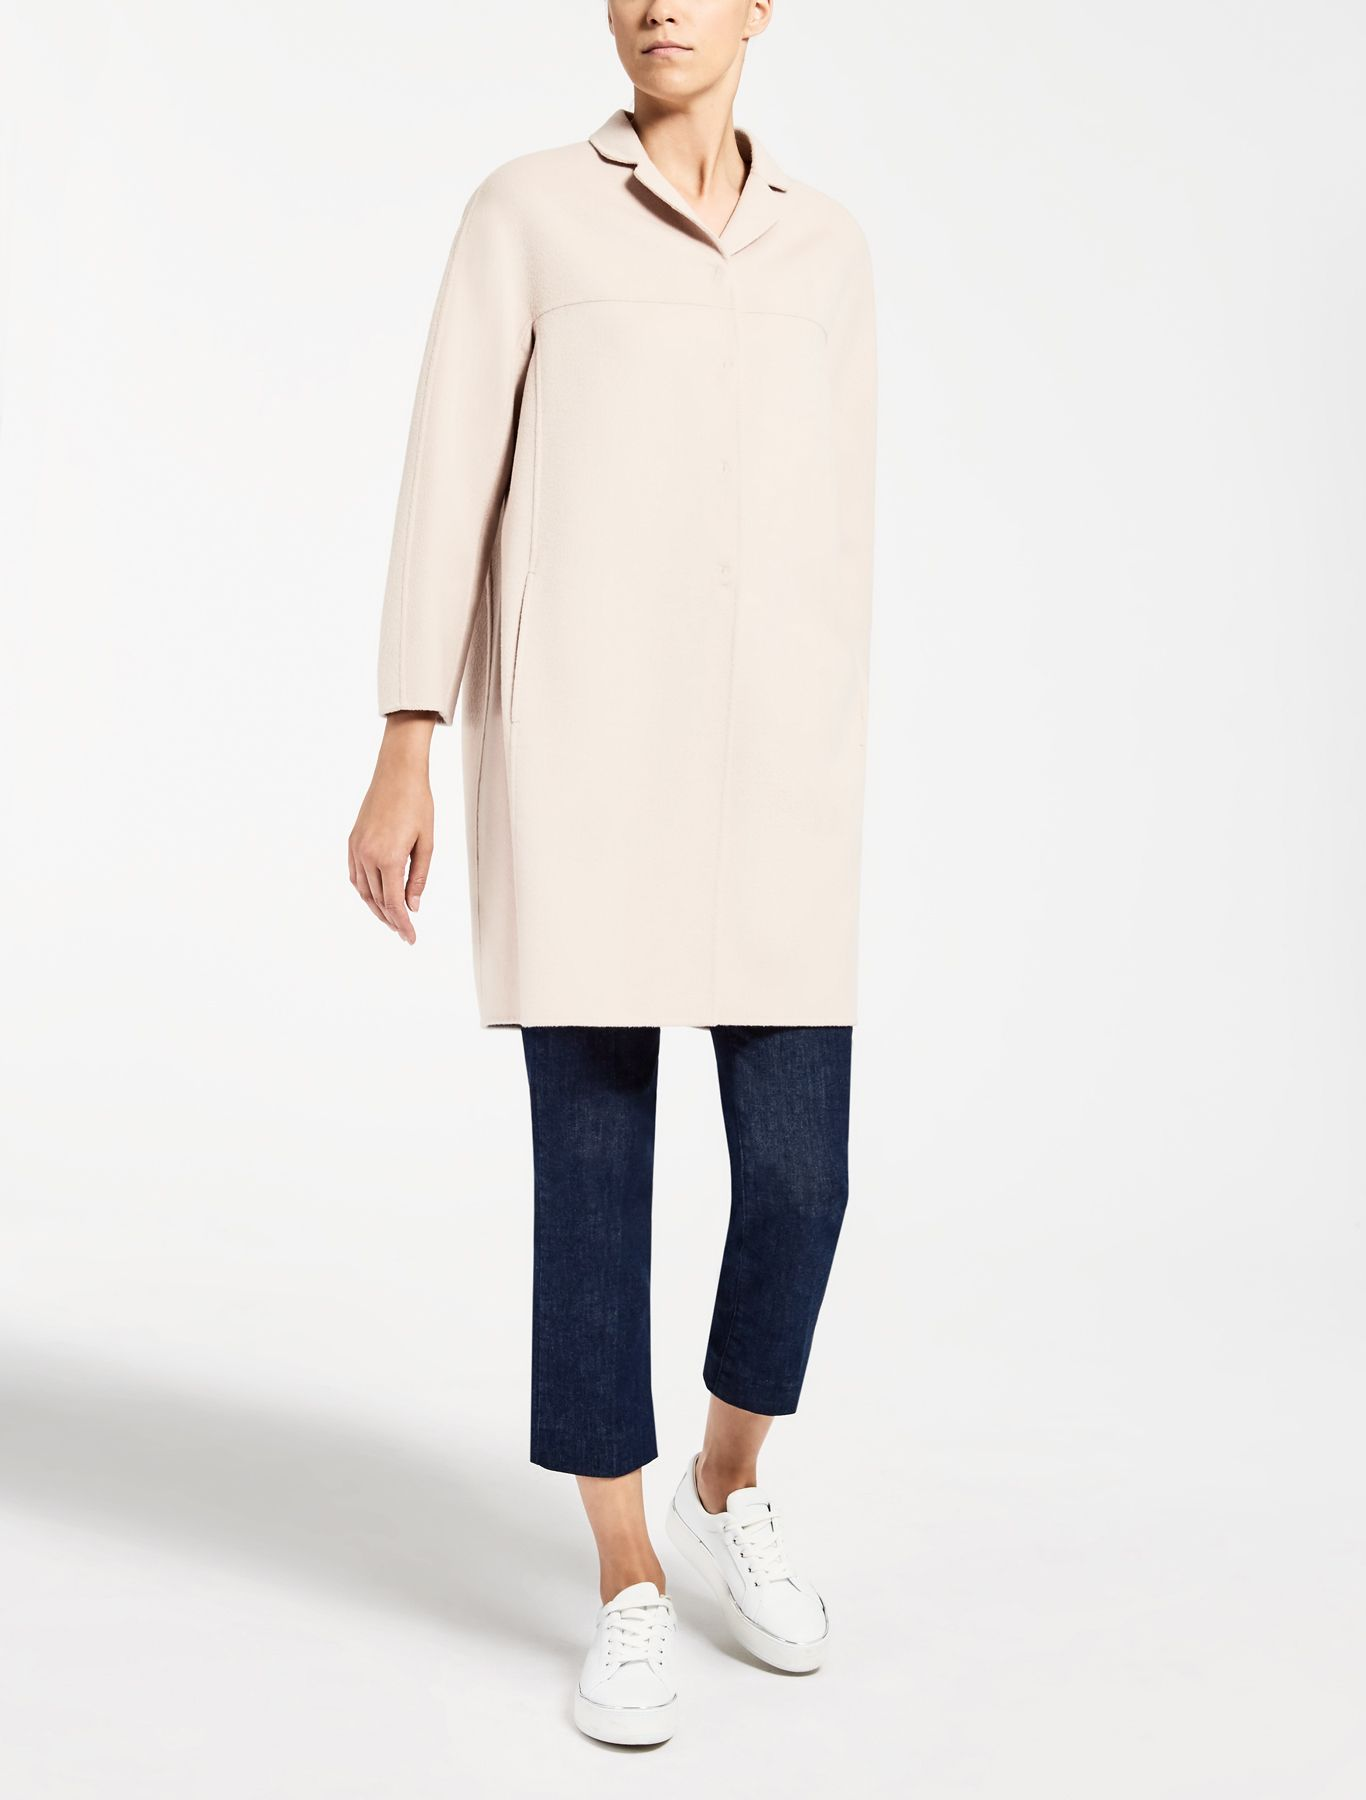 Cappotto cipria di Fay | Abbigliamento, Stile di moda